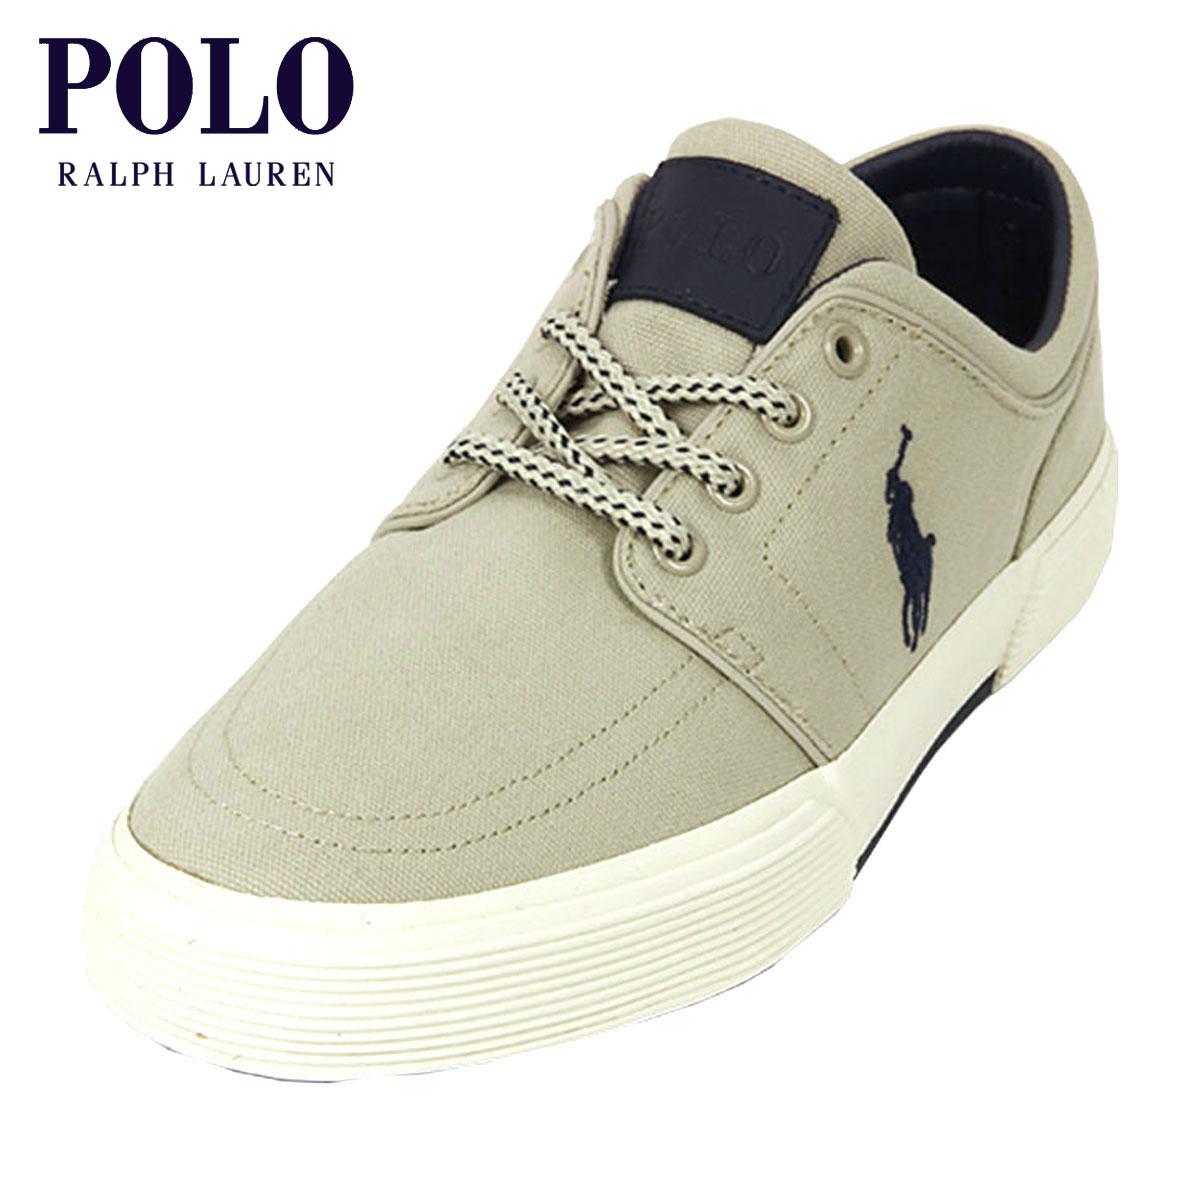 Polo Ralph Lauren POLO RALPH LAUREN genuine men s shoes shoes CANVAS FAXON  LOW SNEAKER 10P28Sep16 d729948ee